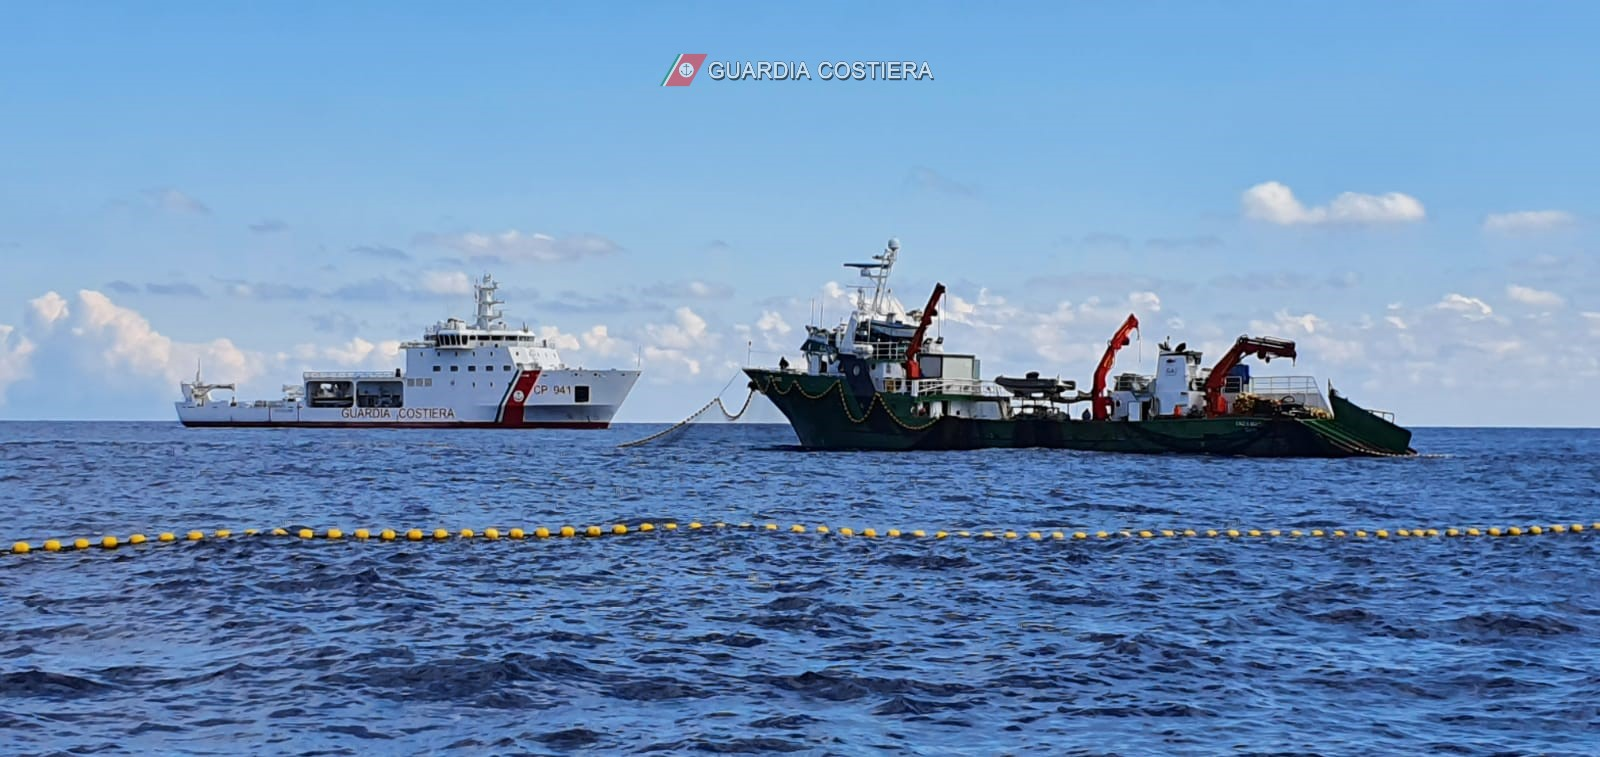 Pesca illegale di tonno rosso, continua la battaglia della Guardia Costiera contro gli illegali – FOTO e VIDEO